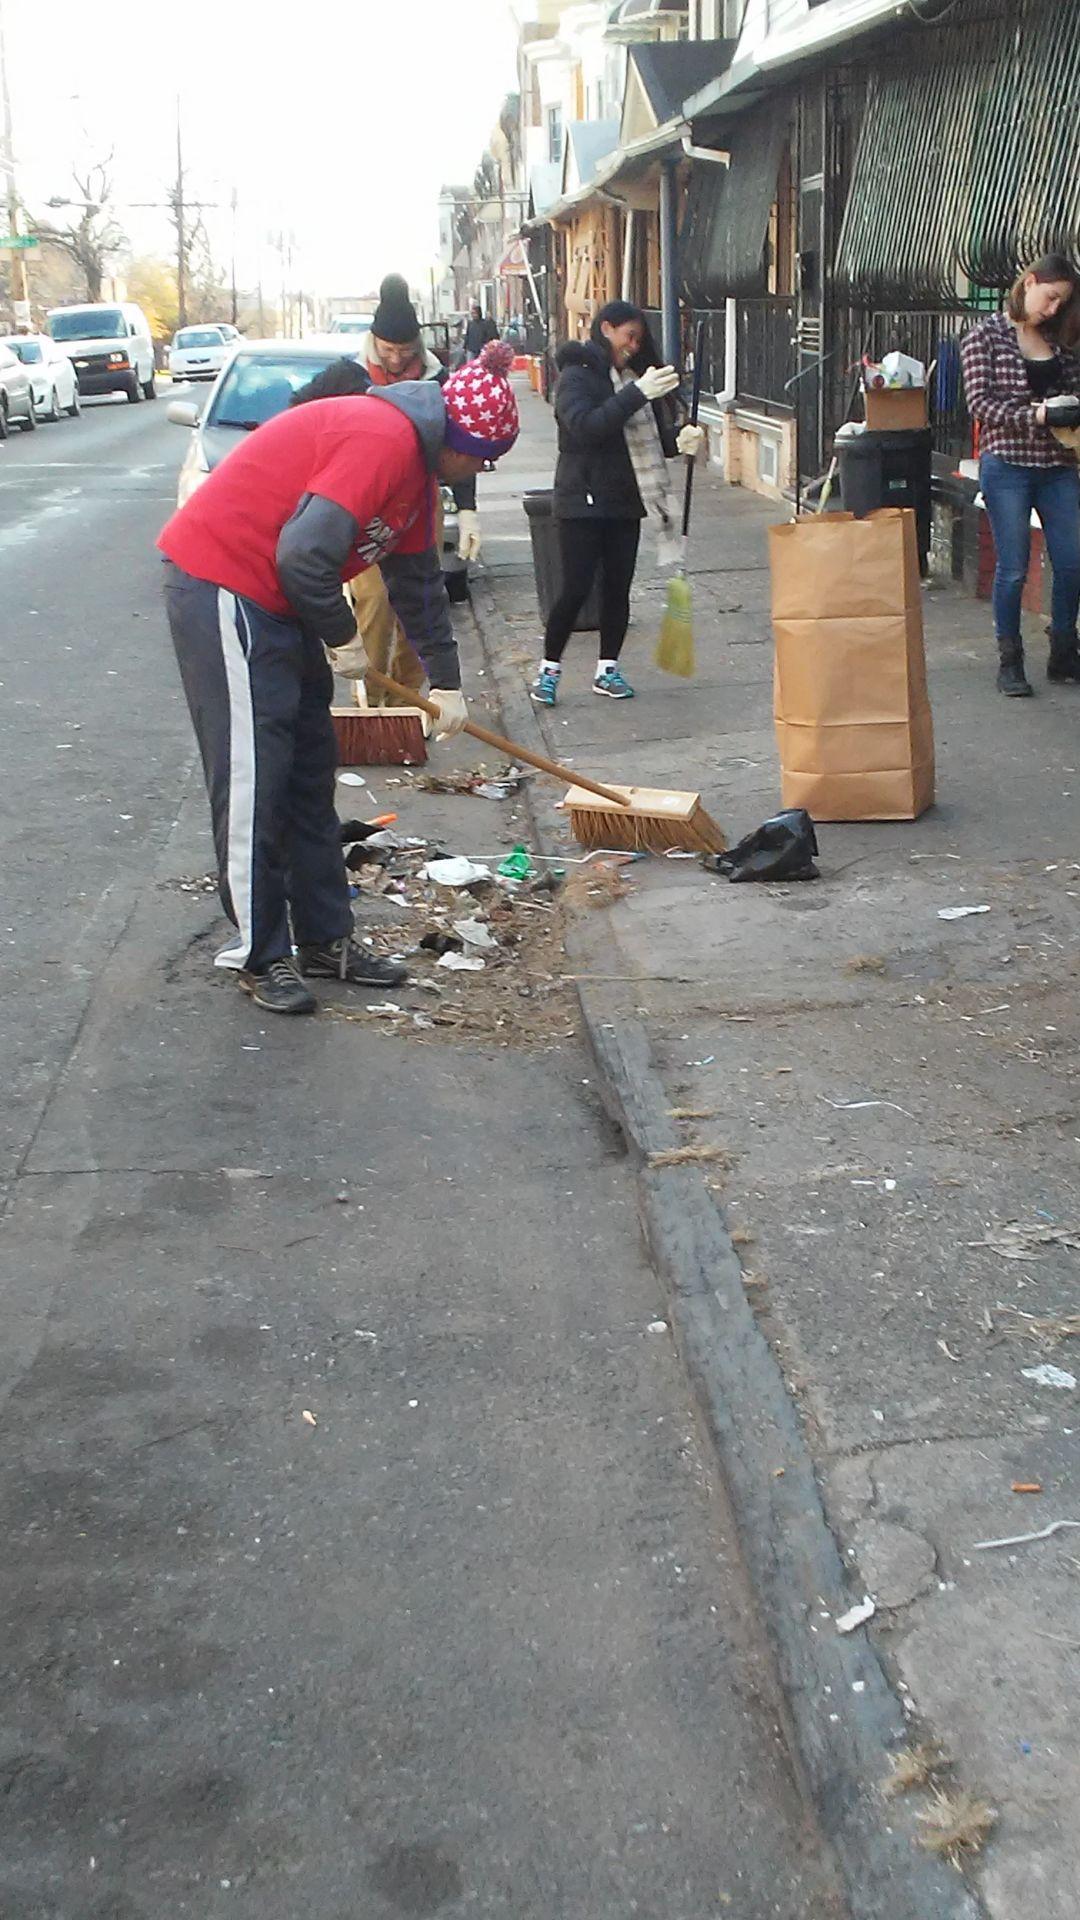 N.Y.C. Election Volunteers Return To Clean Streets